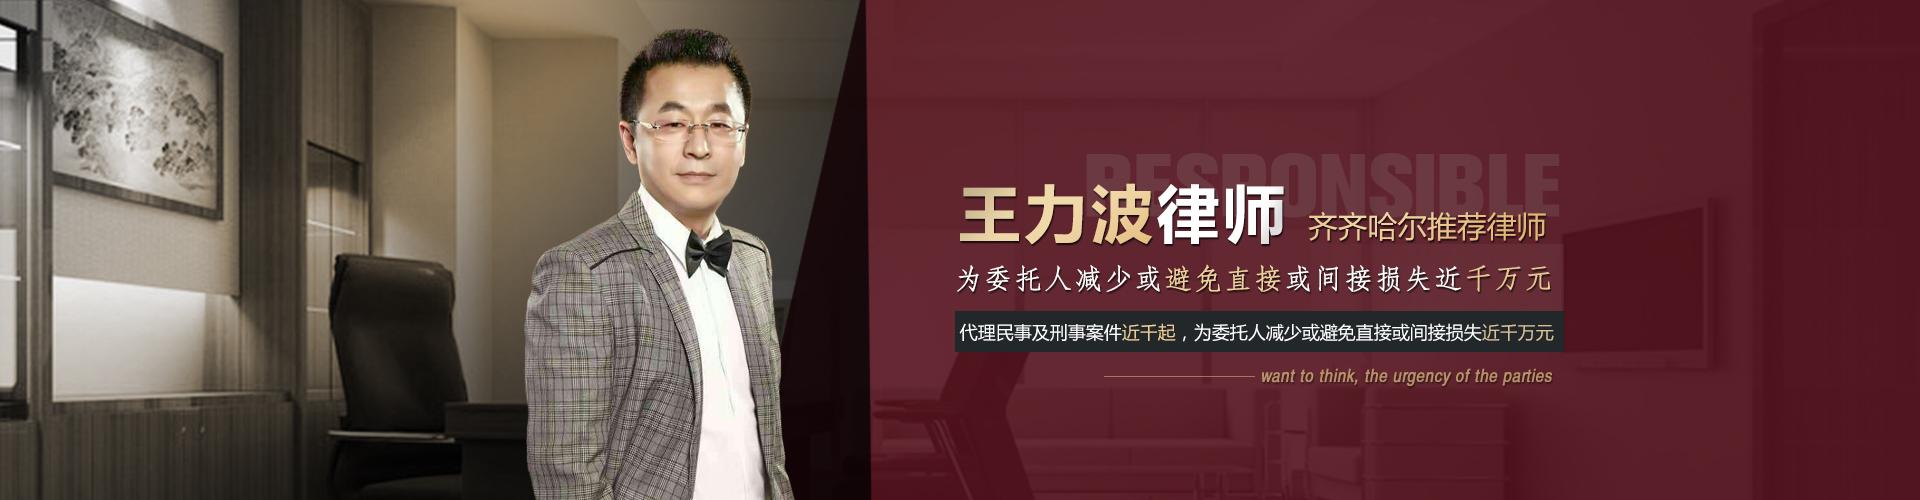 黑龙江王力波律师照片1